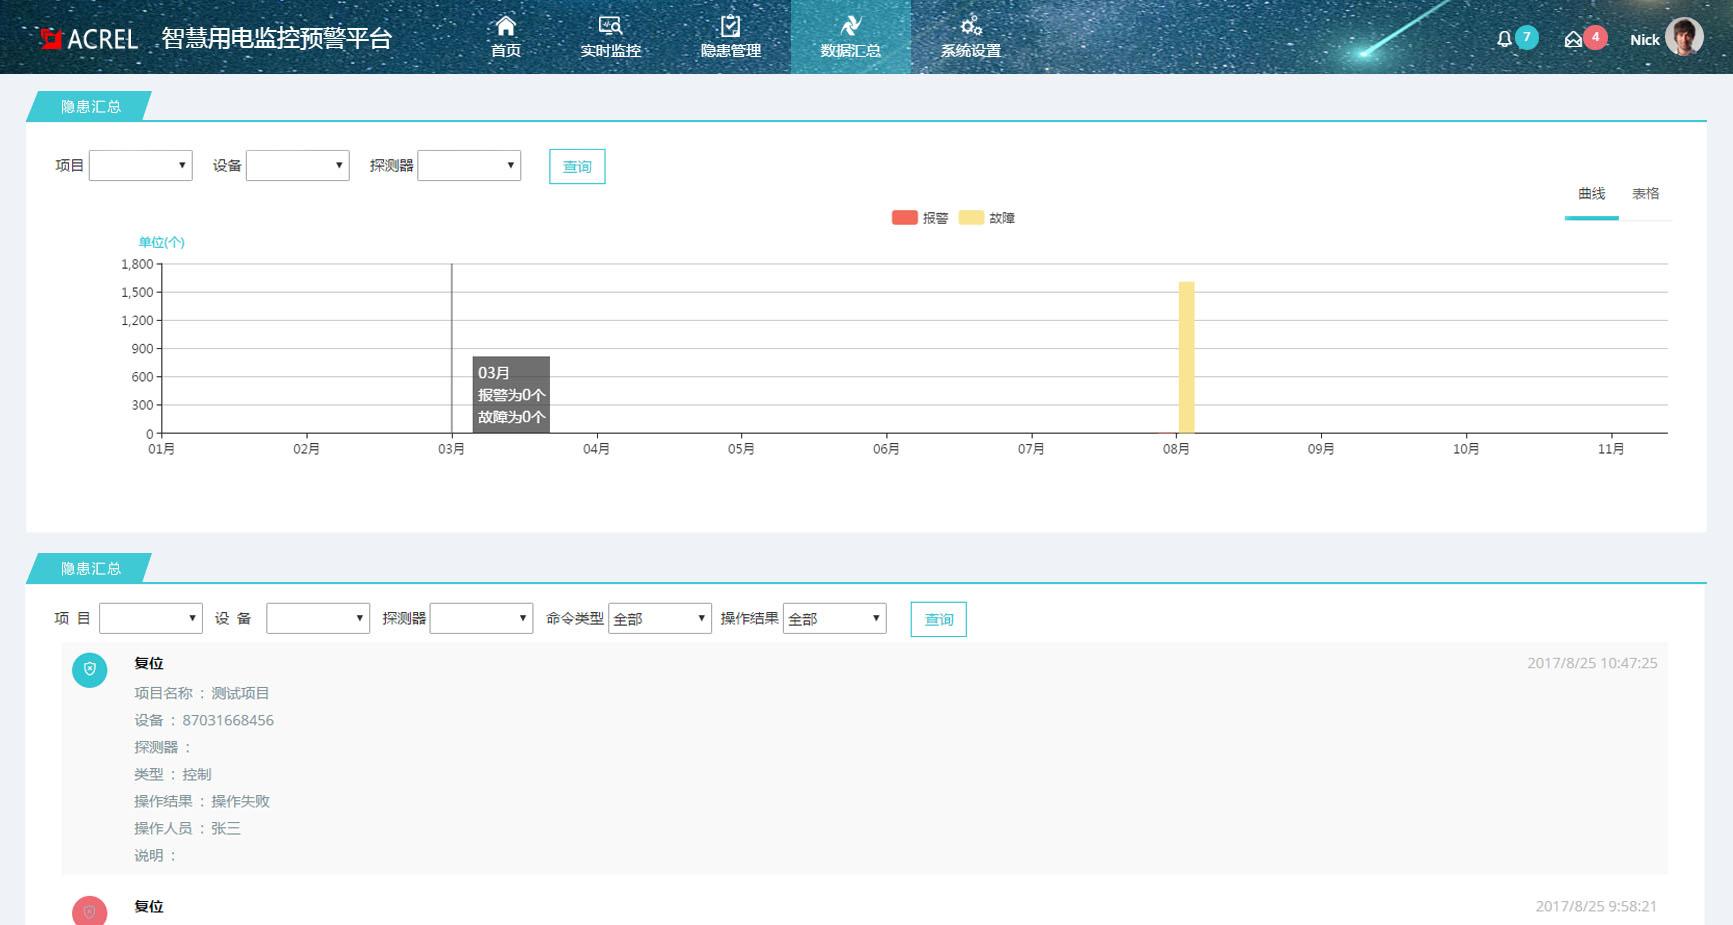 工单处理和隐患批量处理等功能: &divsp;&divsp;数据汇总菜单栏主要对图片